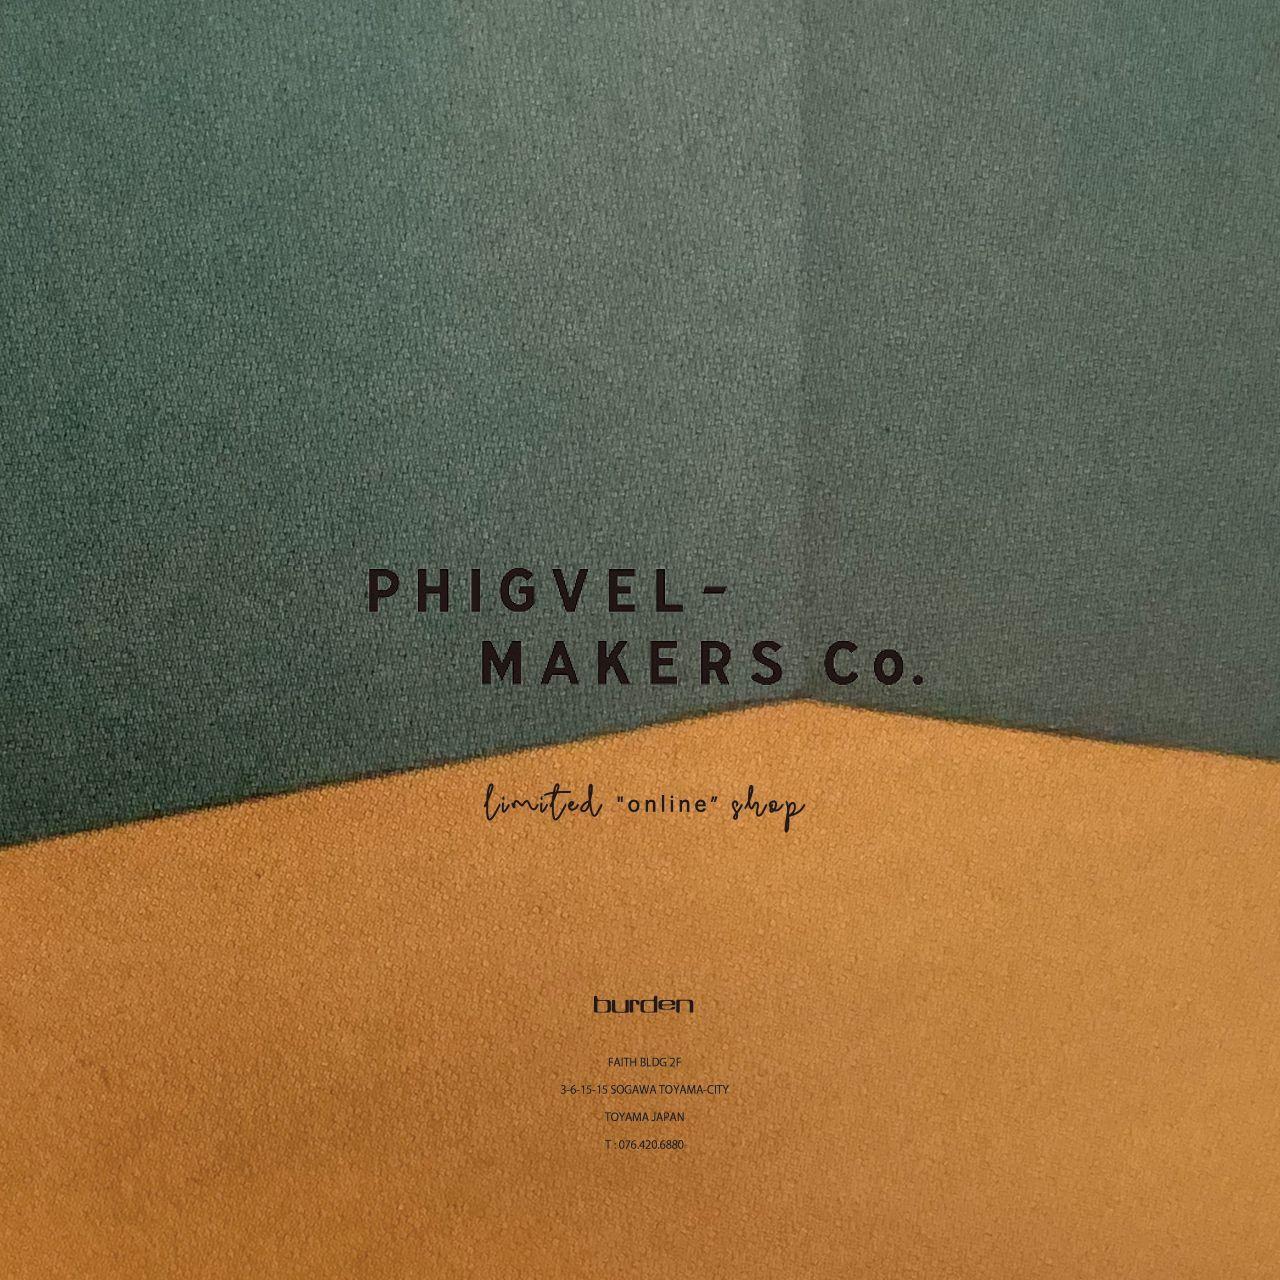 PHIGVELオンラインポップアップのお知らせ。の写真